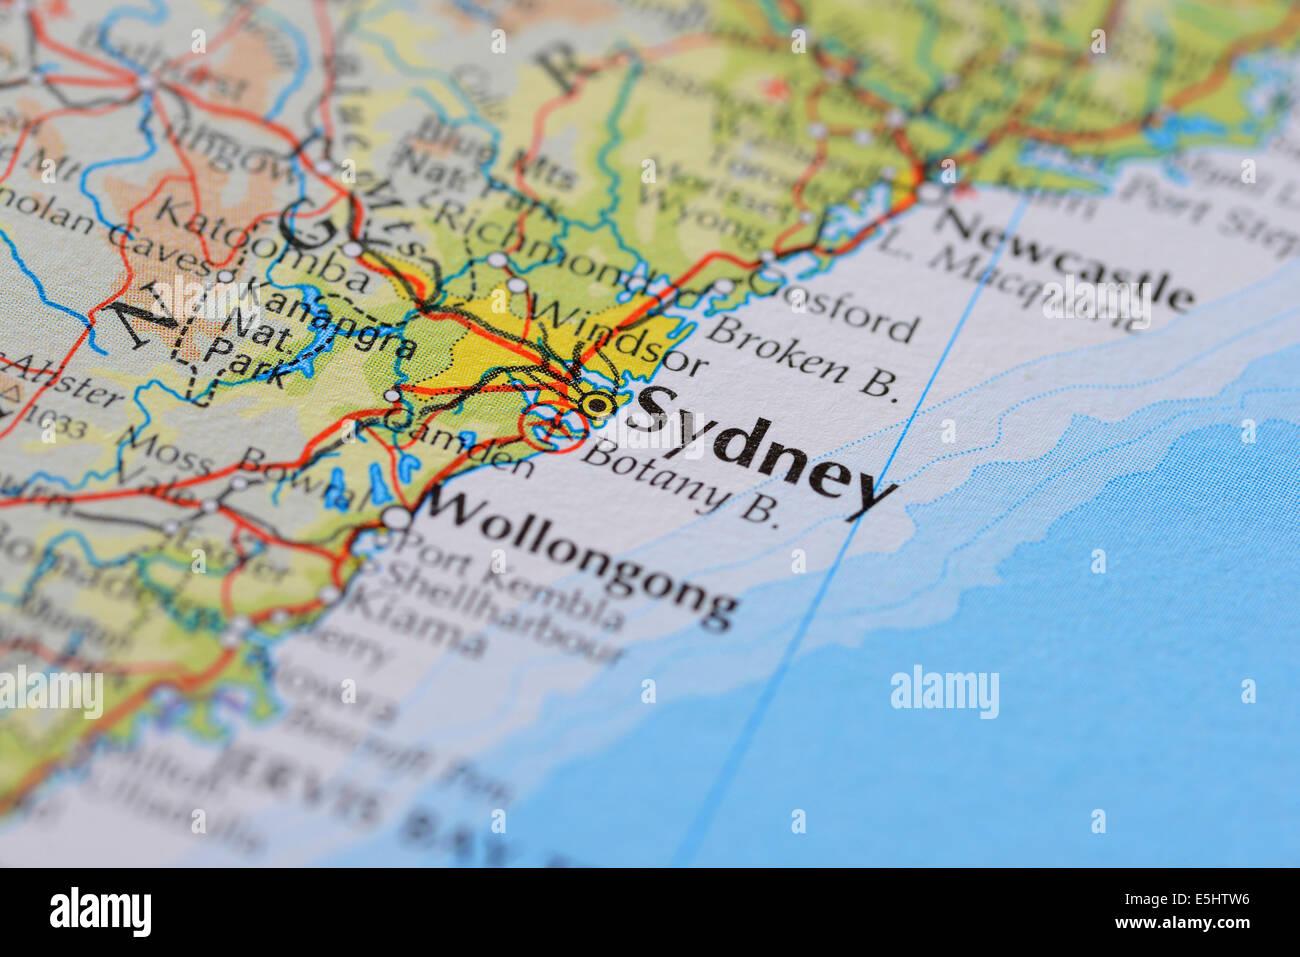 Atlas Map Showing Australian City Of Sydney In New South Wales - South wales australia map